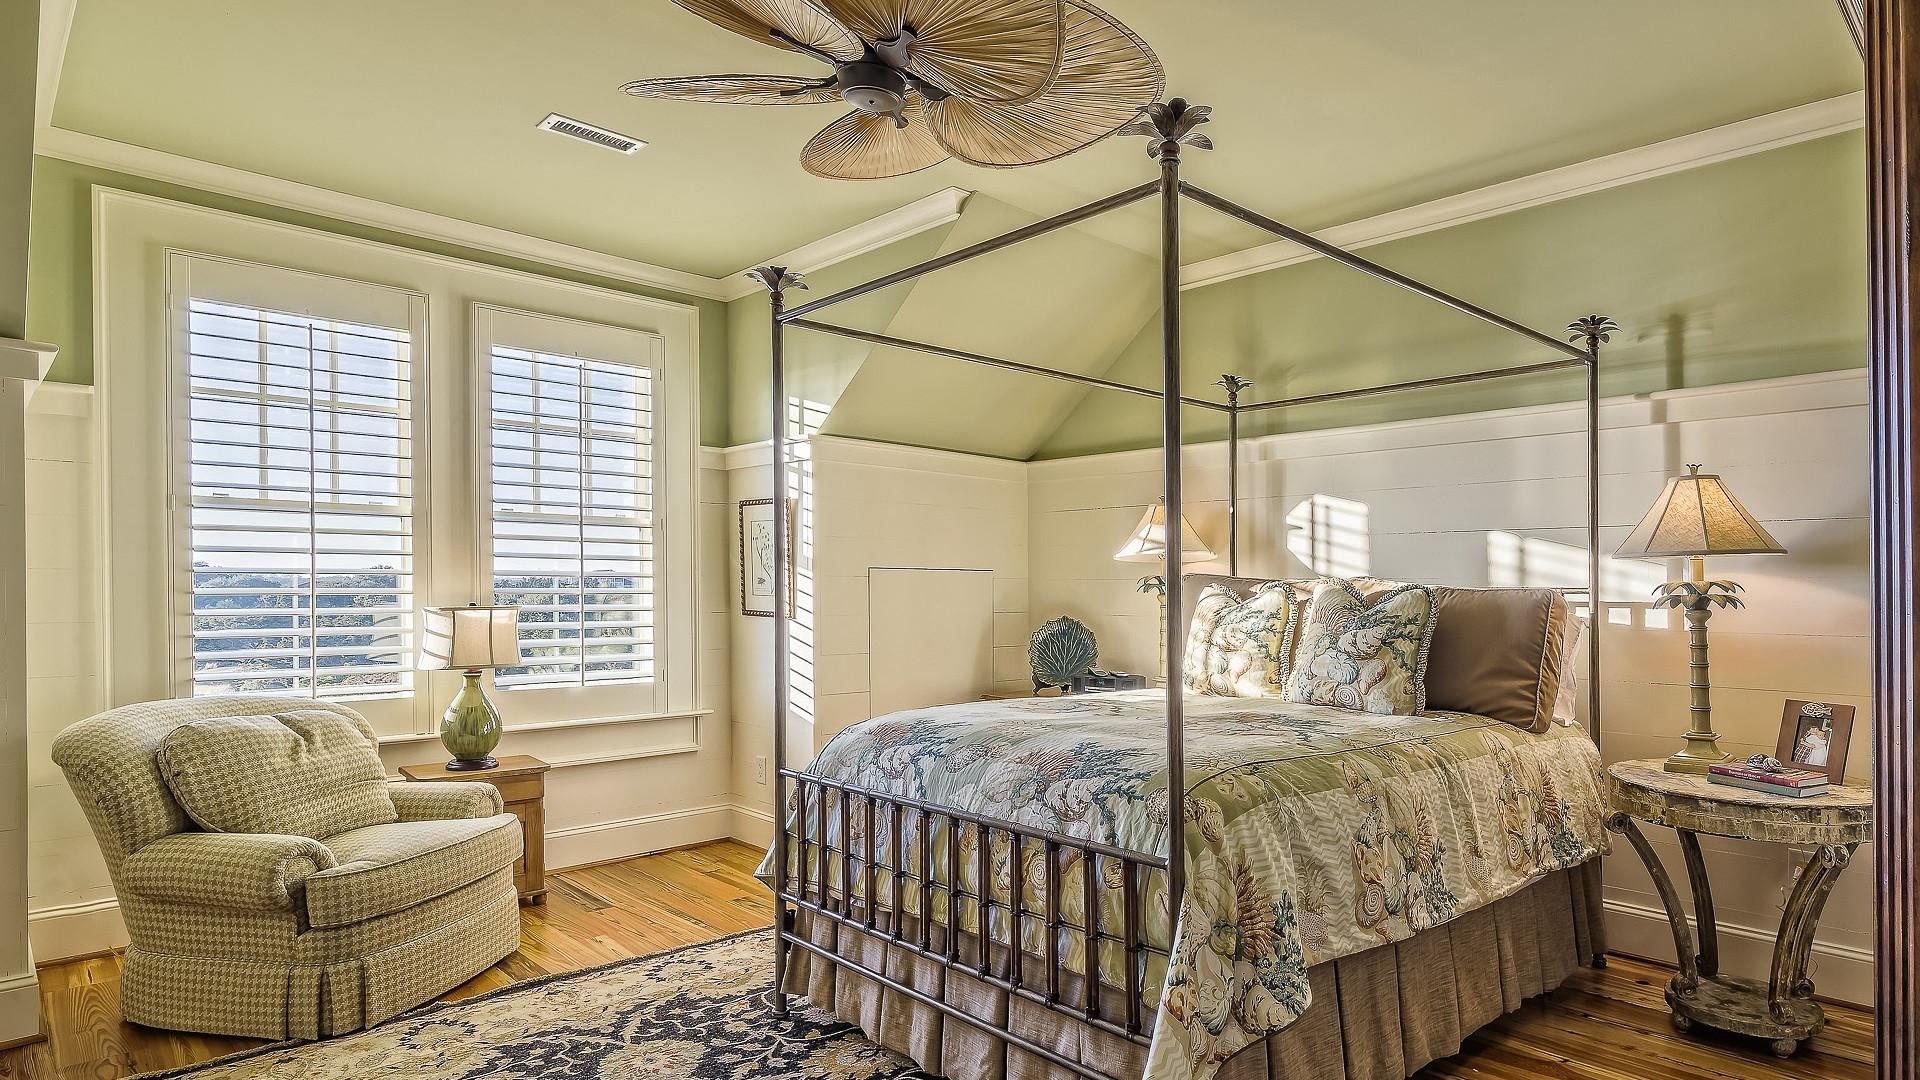 Le parquet flottant peut repr senter un tr s bon isolant for Tres bonne peinture pour plafond